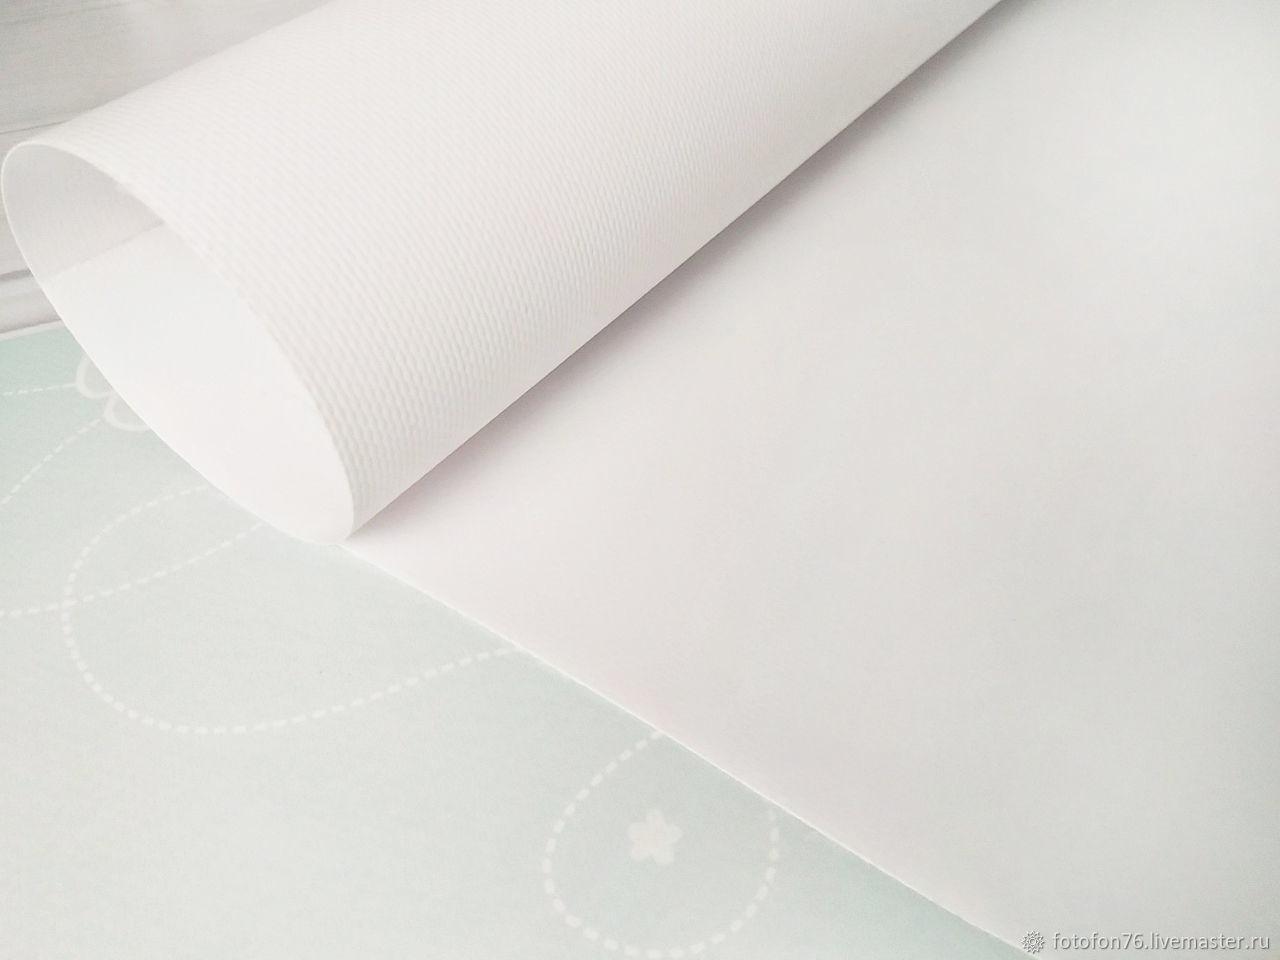 Фотофон виниловый Белый однотонный 40х40 см, Фото, Ярославль,  Фото №1